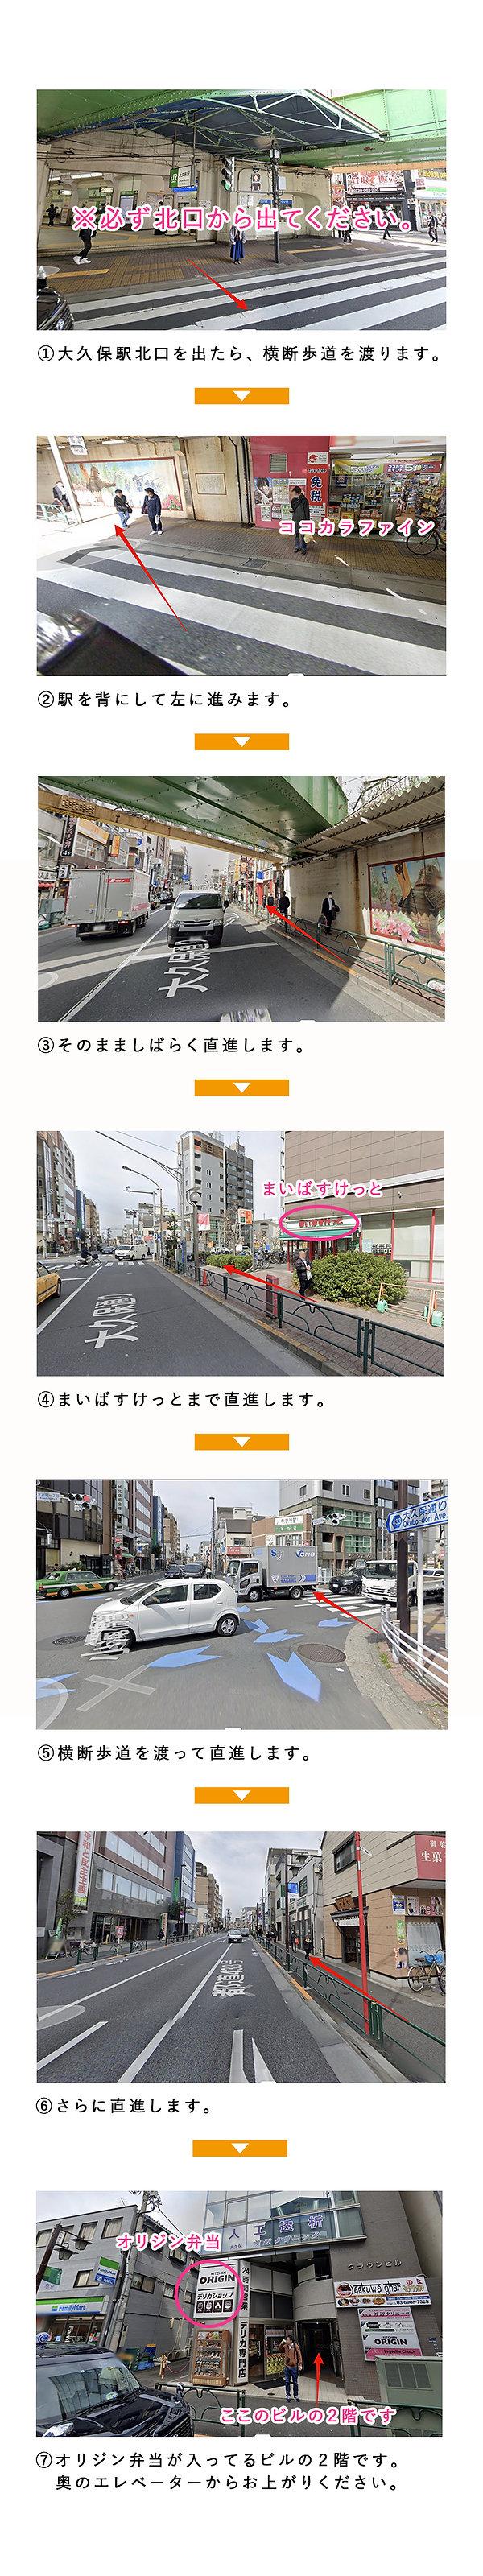 新宿道案内.jpg